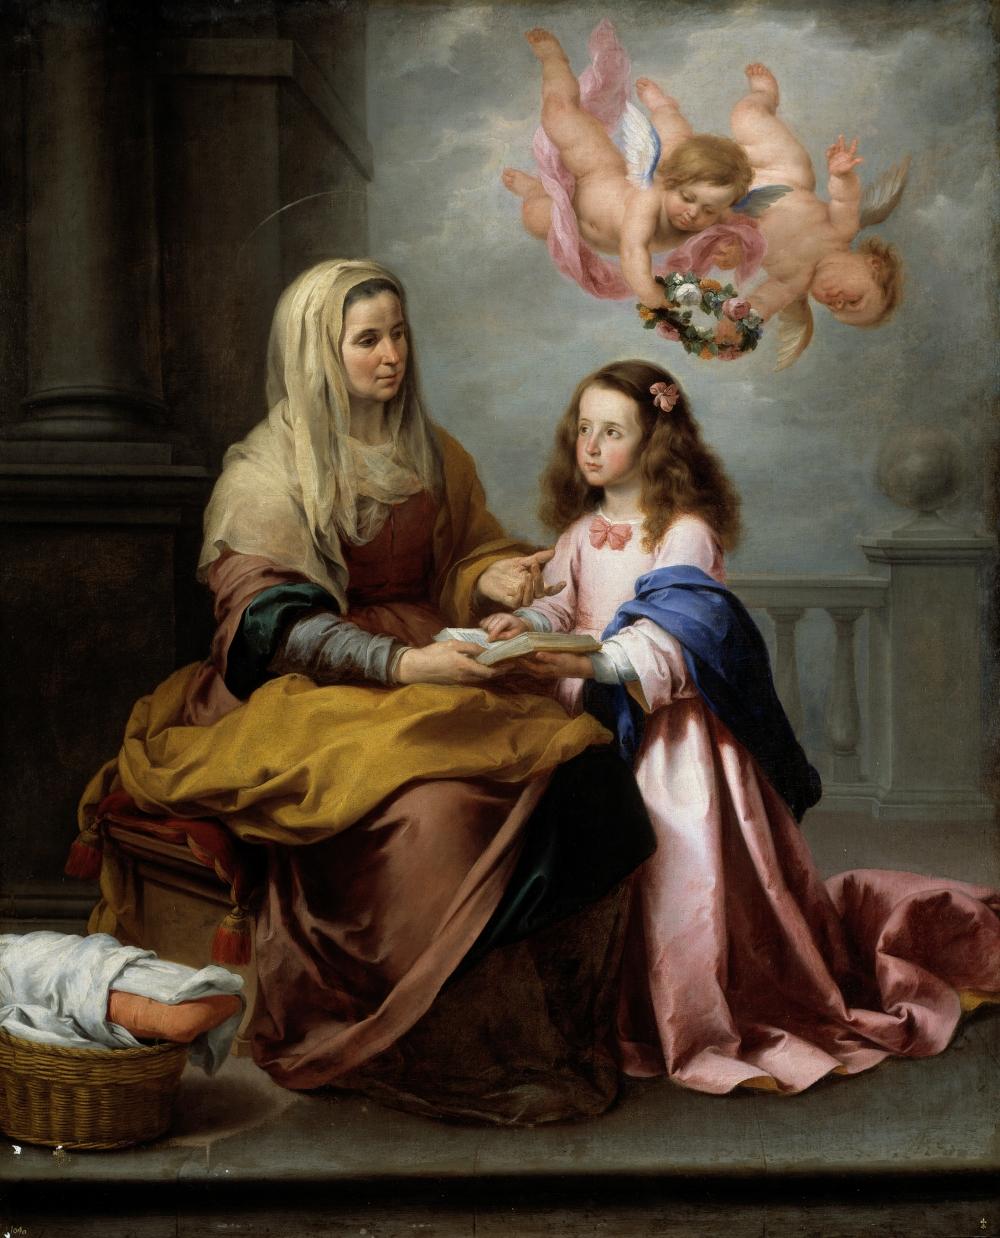 Bartolomé Esteban Murillo. Santa Ana enseñando a leer a la Virgen. Hacia 1655. Museo del Prado. Madrid.